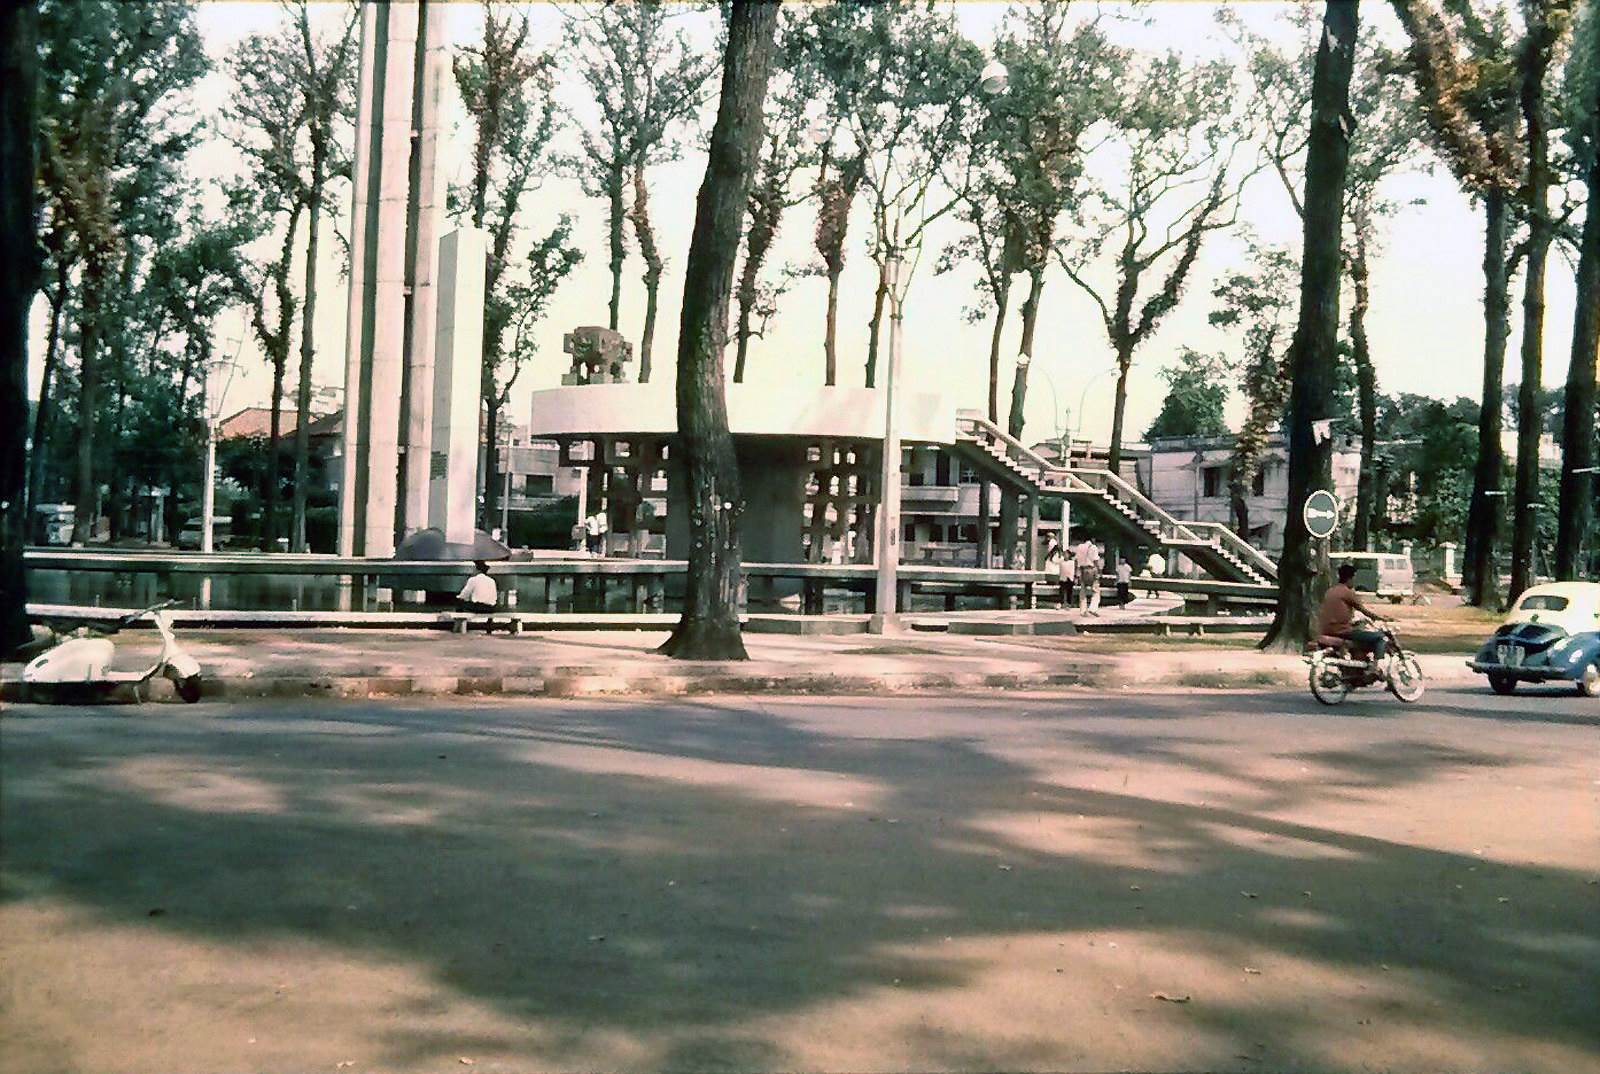 SAIGON 1971 - Vòng xoay Công trường Quốc Tế (Hồ con rùa). Ảnh Mạnh Hải